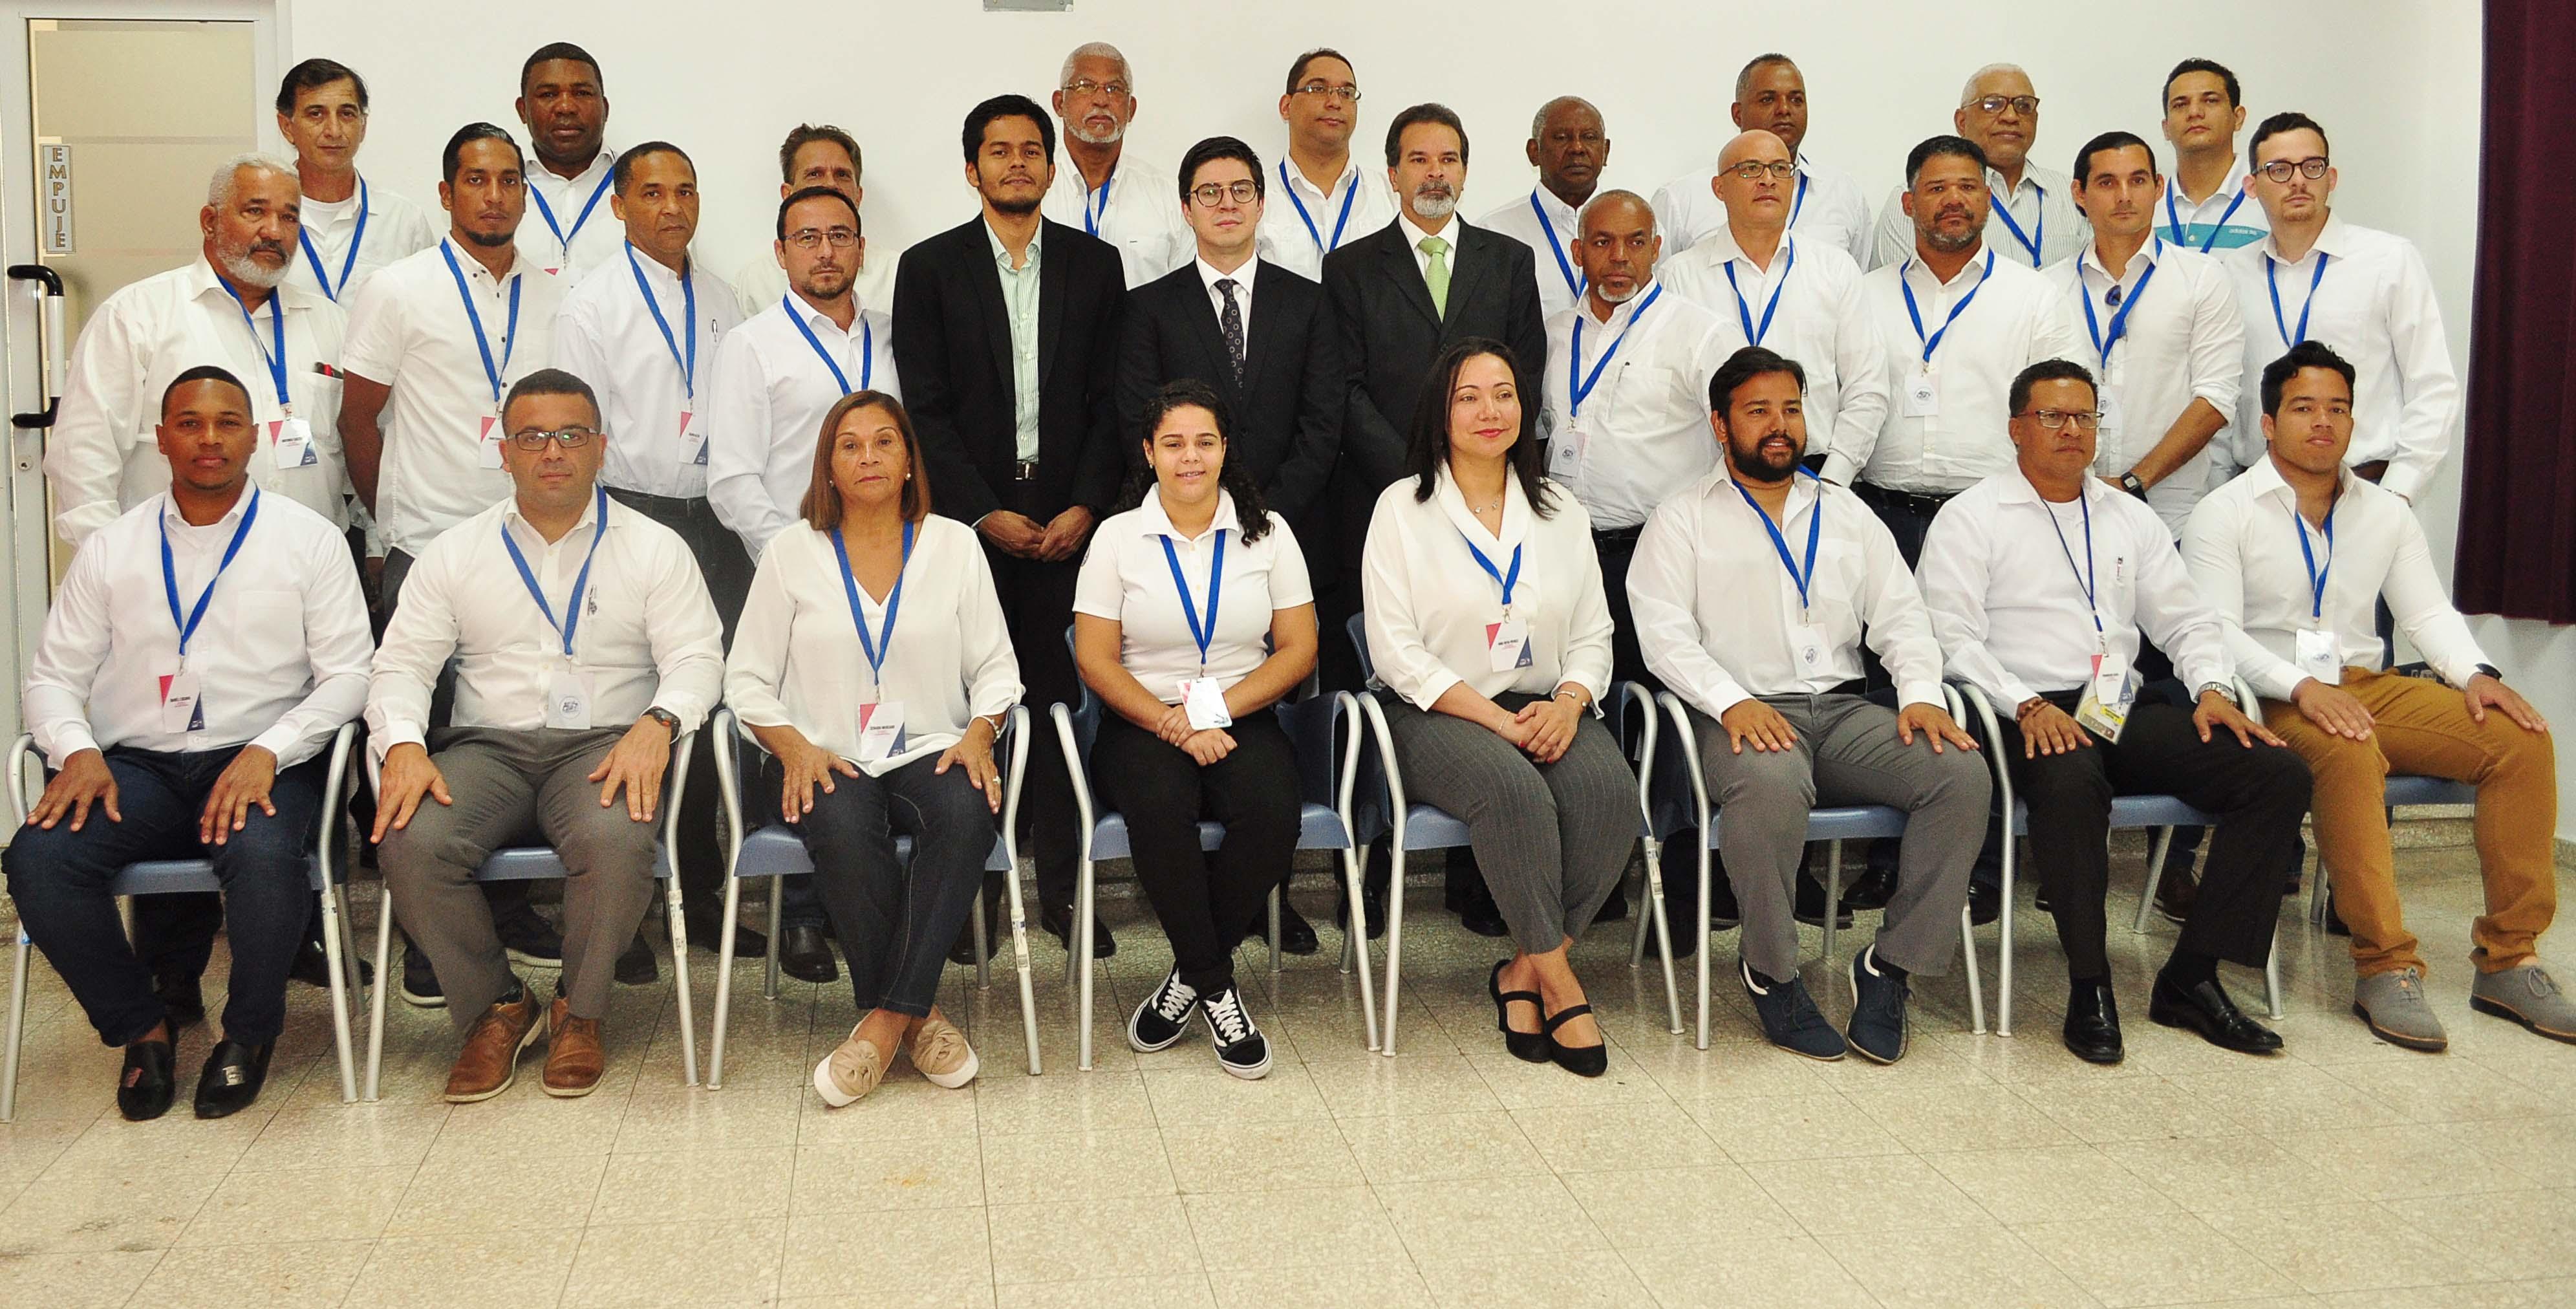 Oficial de Concacaf dicta taller para Comisarios de Fútbol